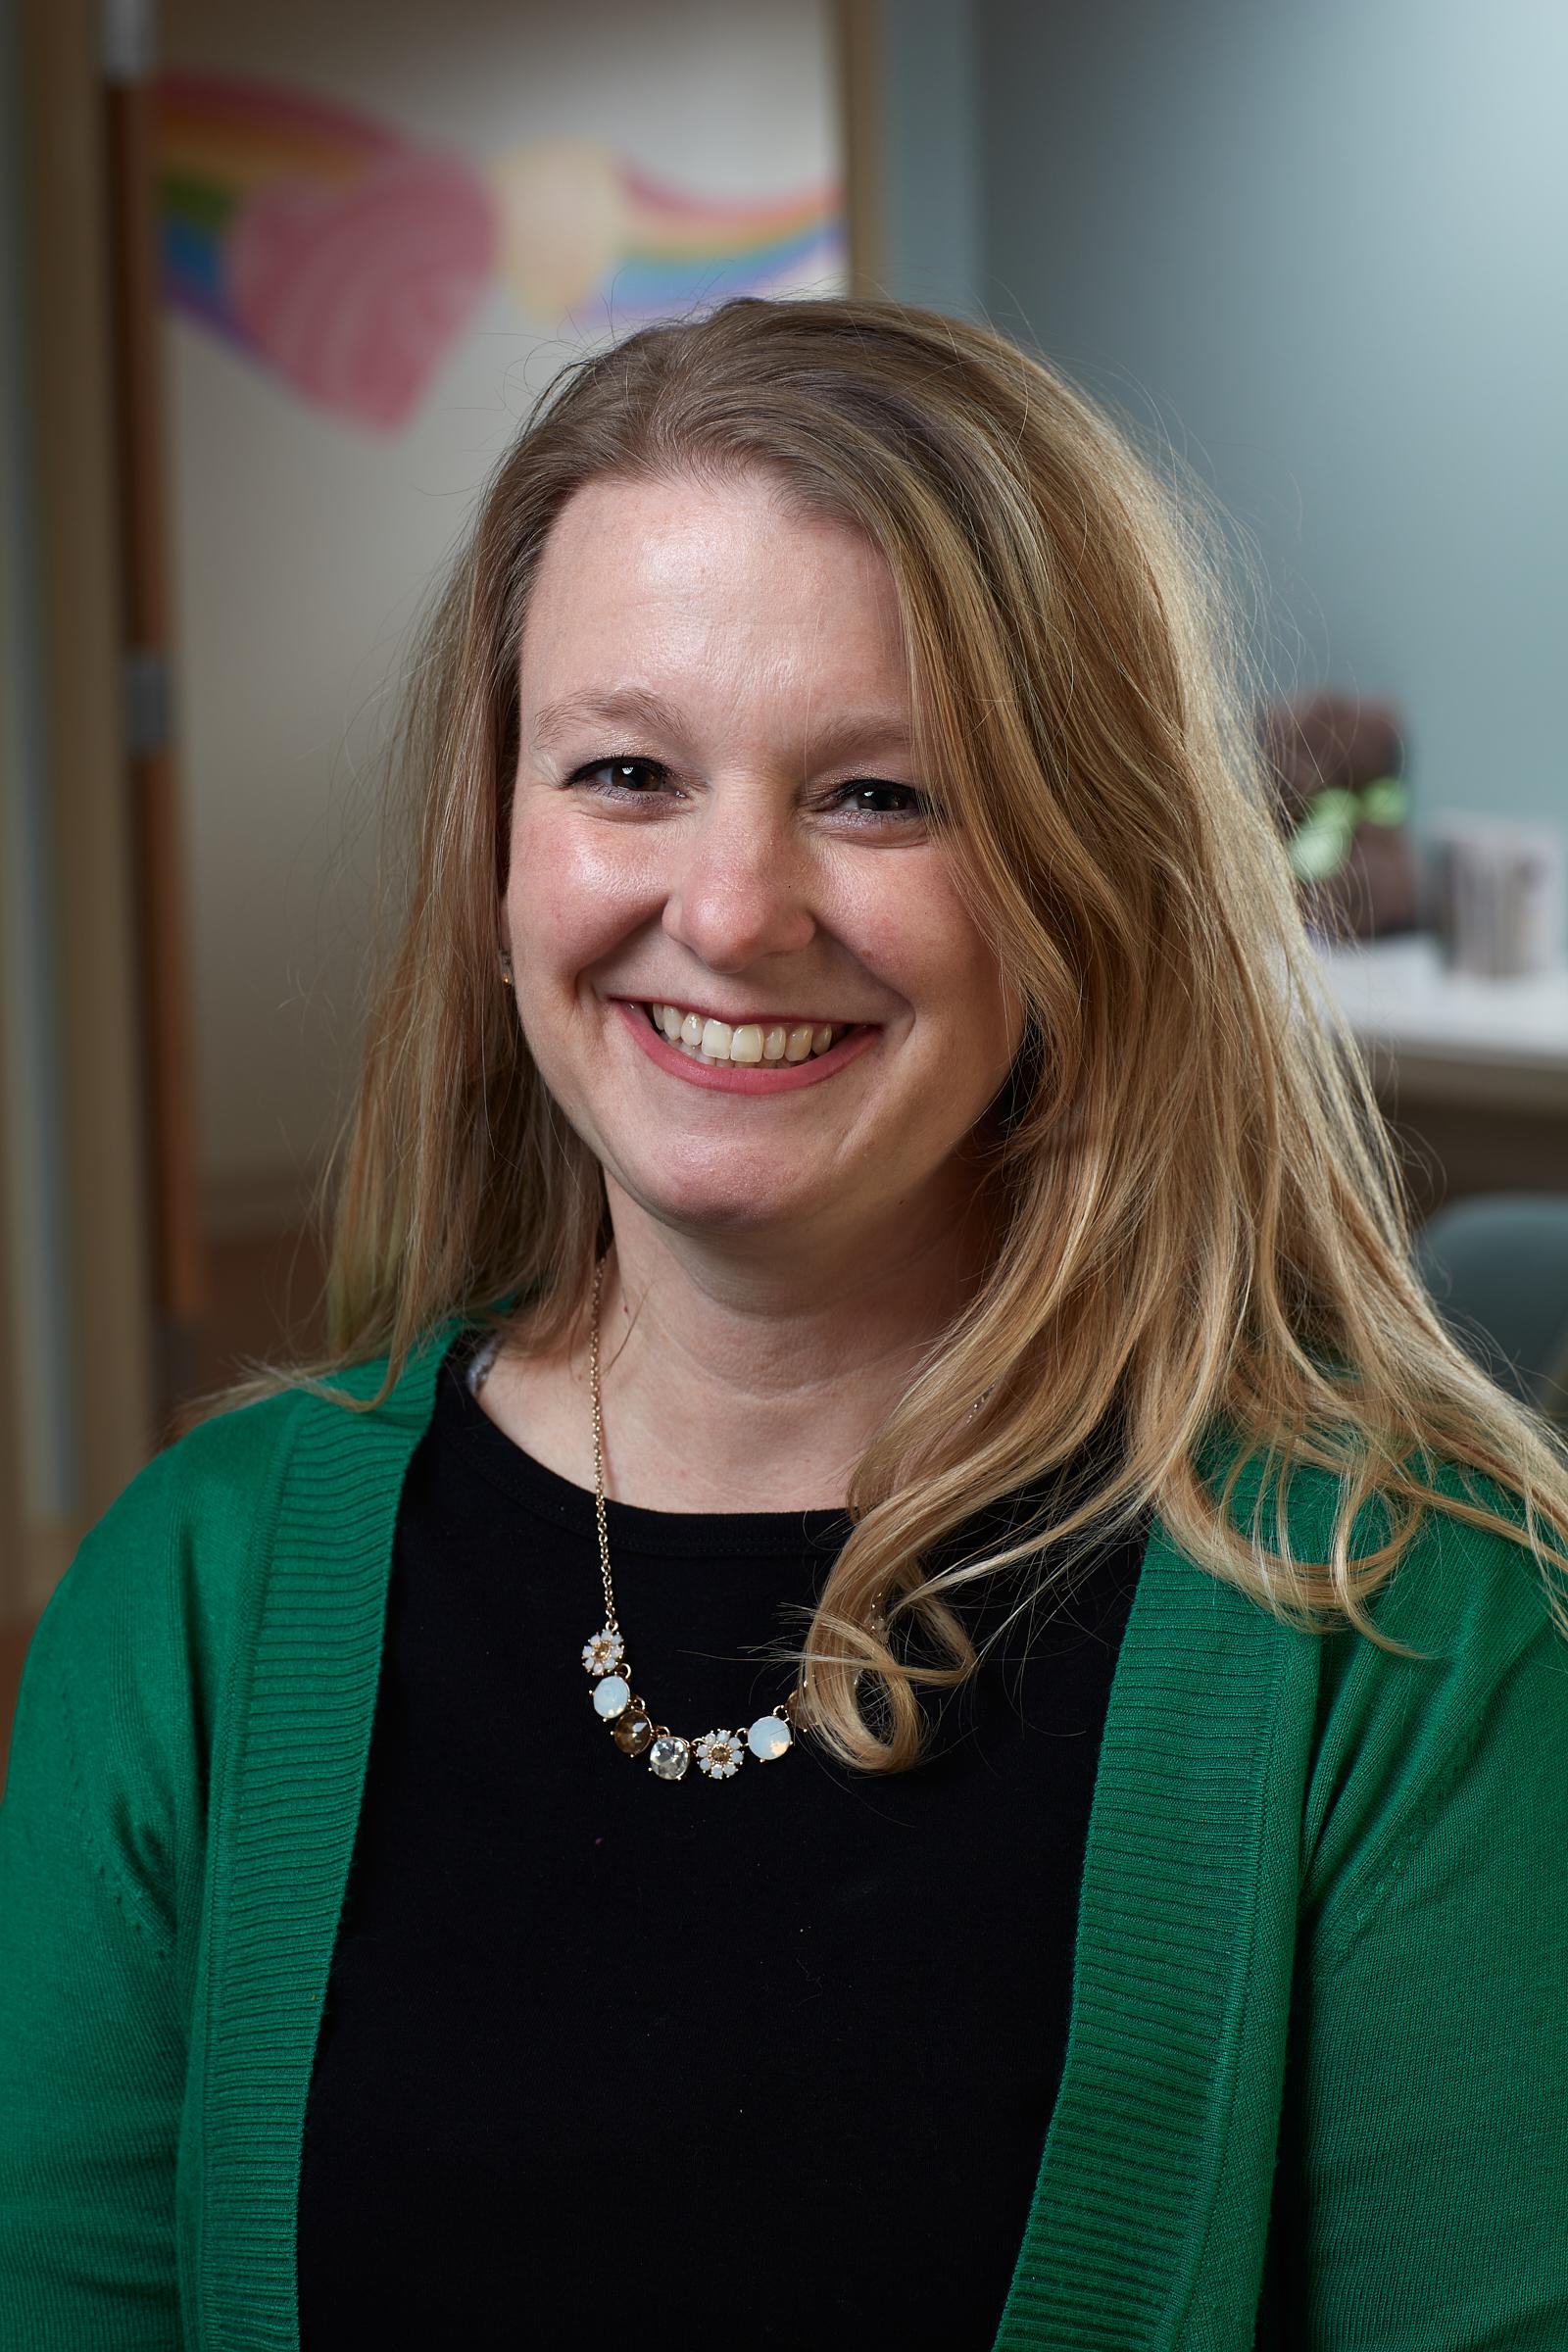 Rebekah Baumer, RN